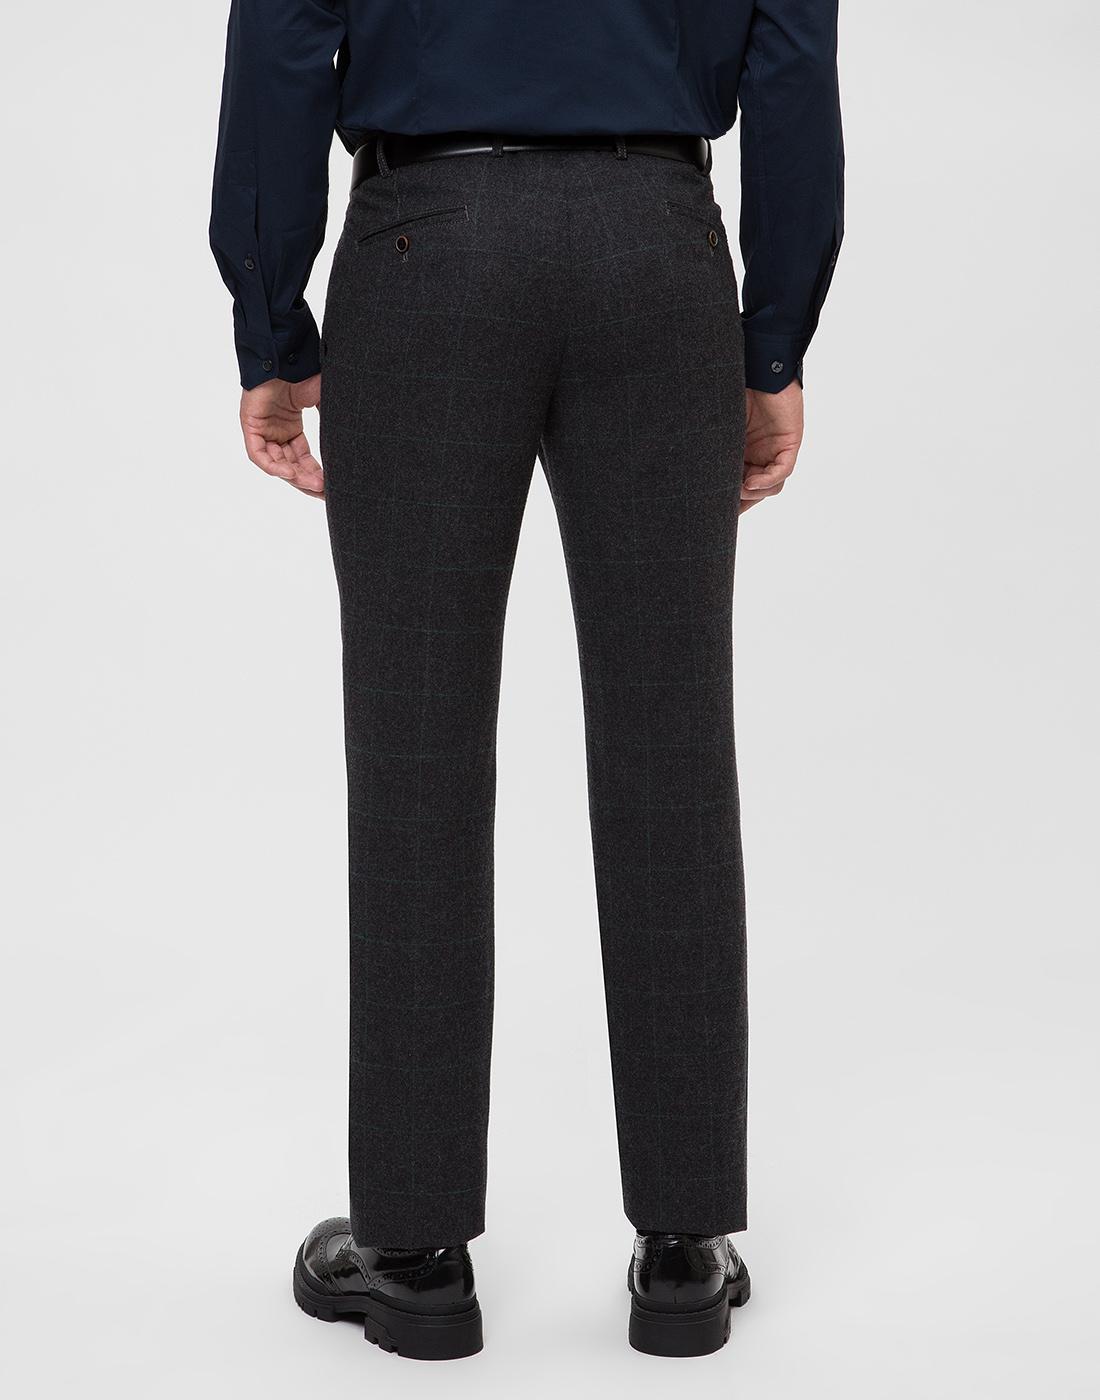 Мужские темно-серые шерстяные брюки в клетку Hiltl  S12331 11 58300-4